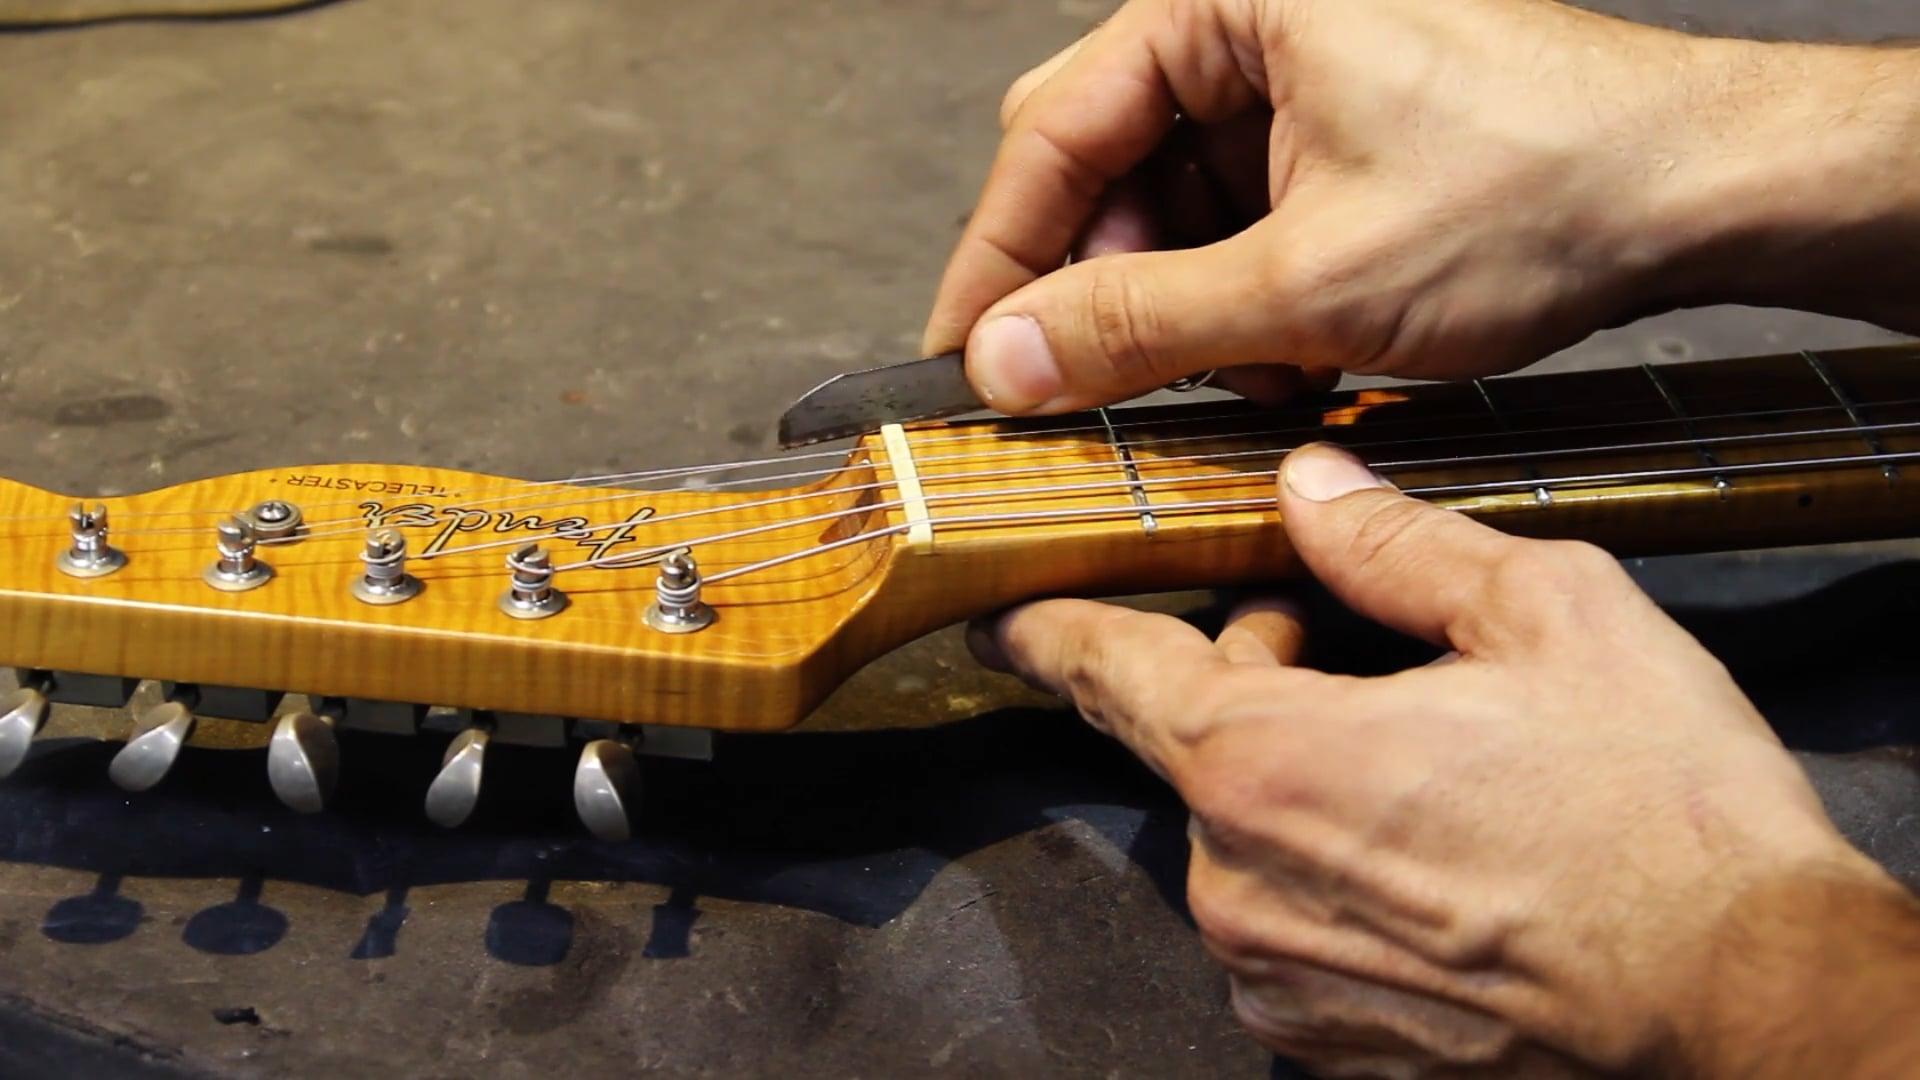 Manutenção para Guitarra Telecaster - Regulagem - Parte 2